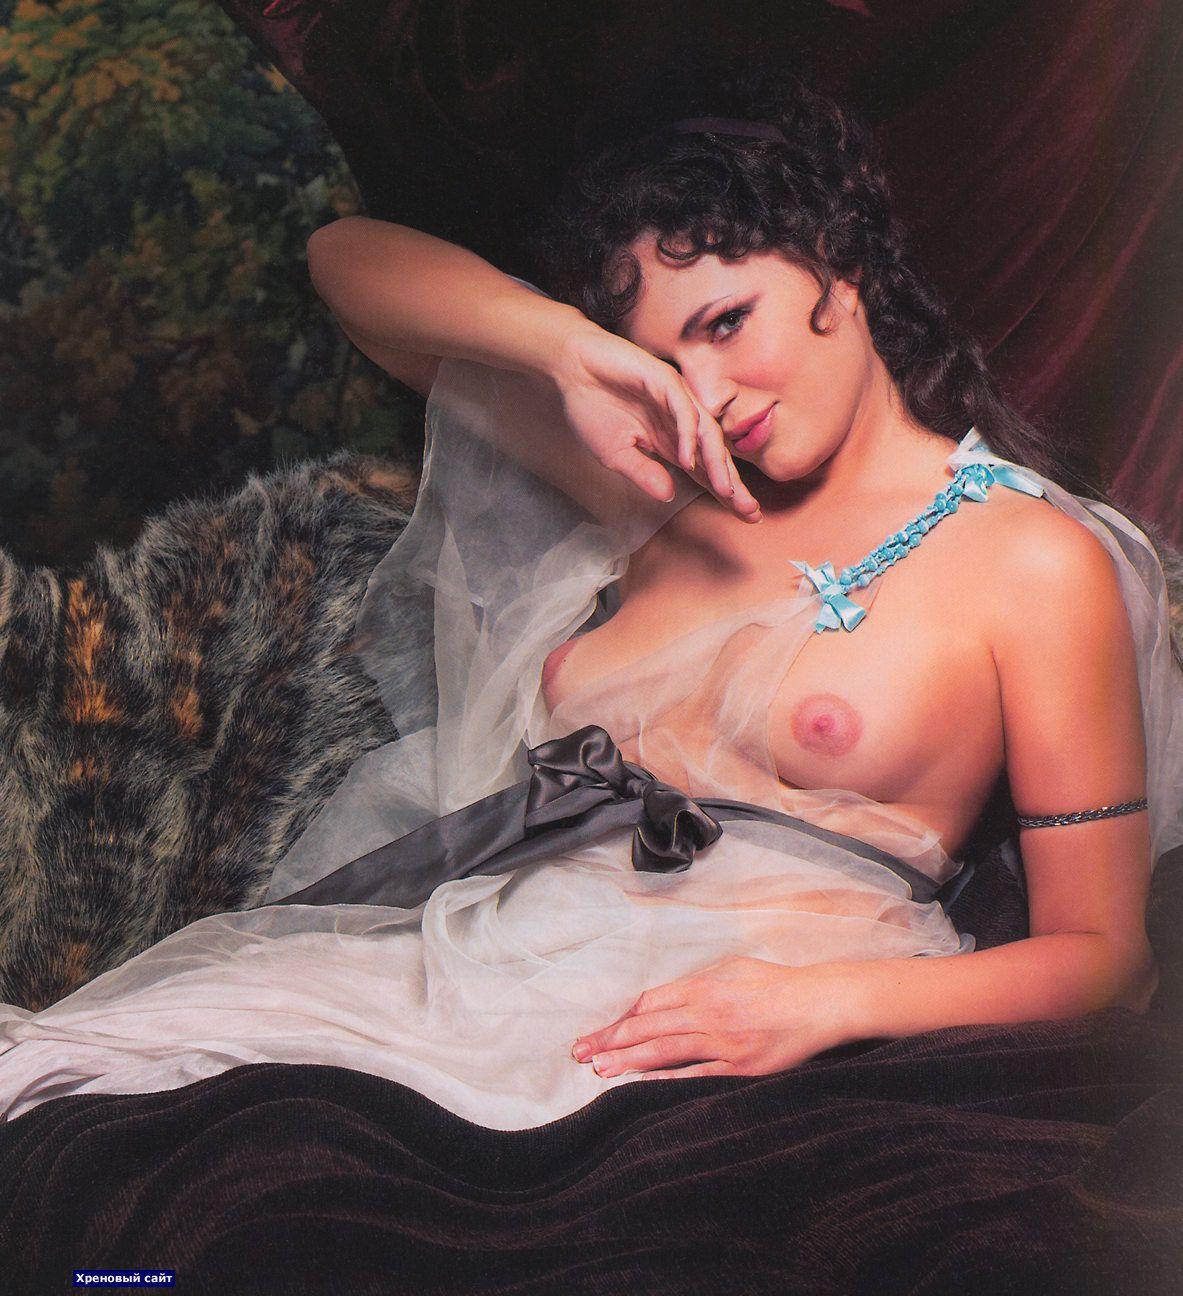 Фото голых артистов россии 21 фотография